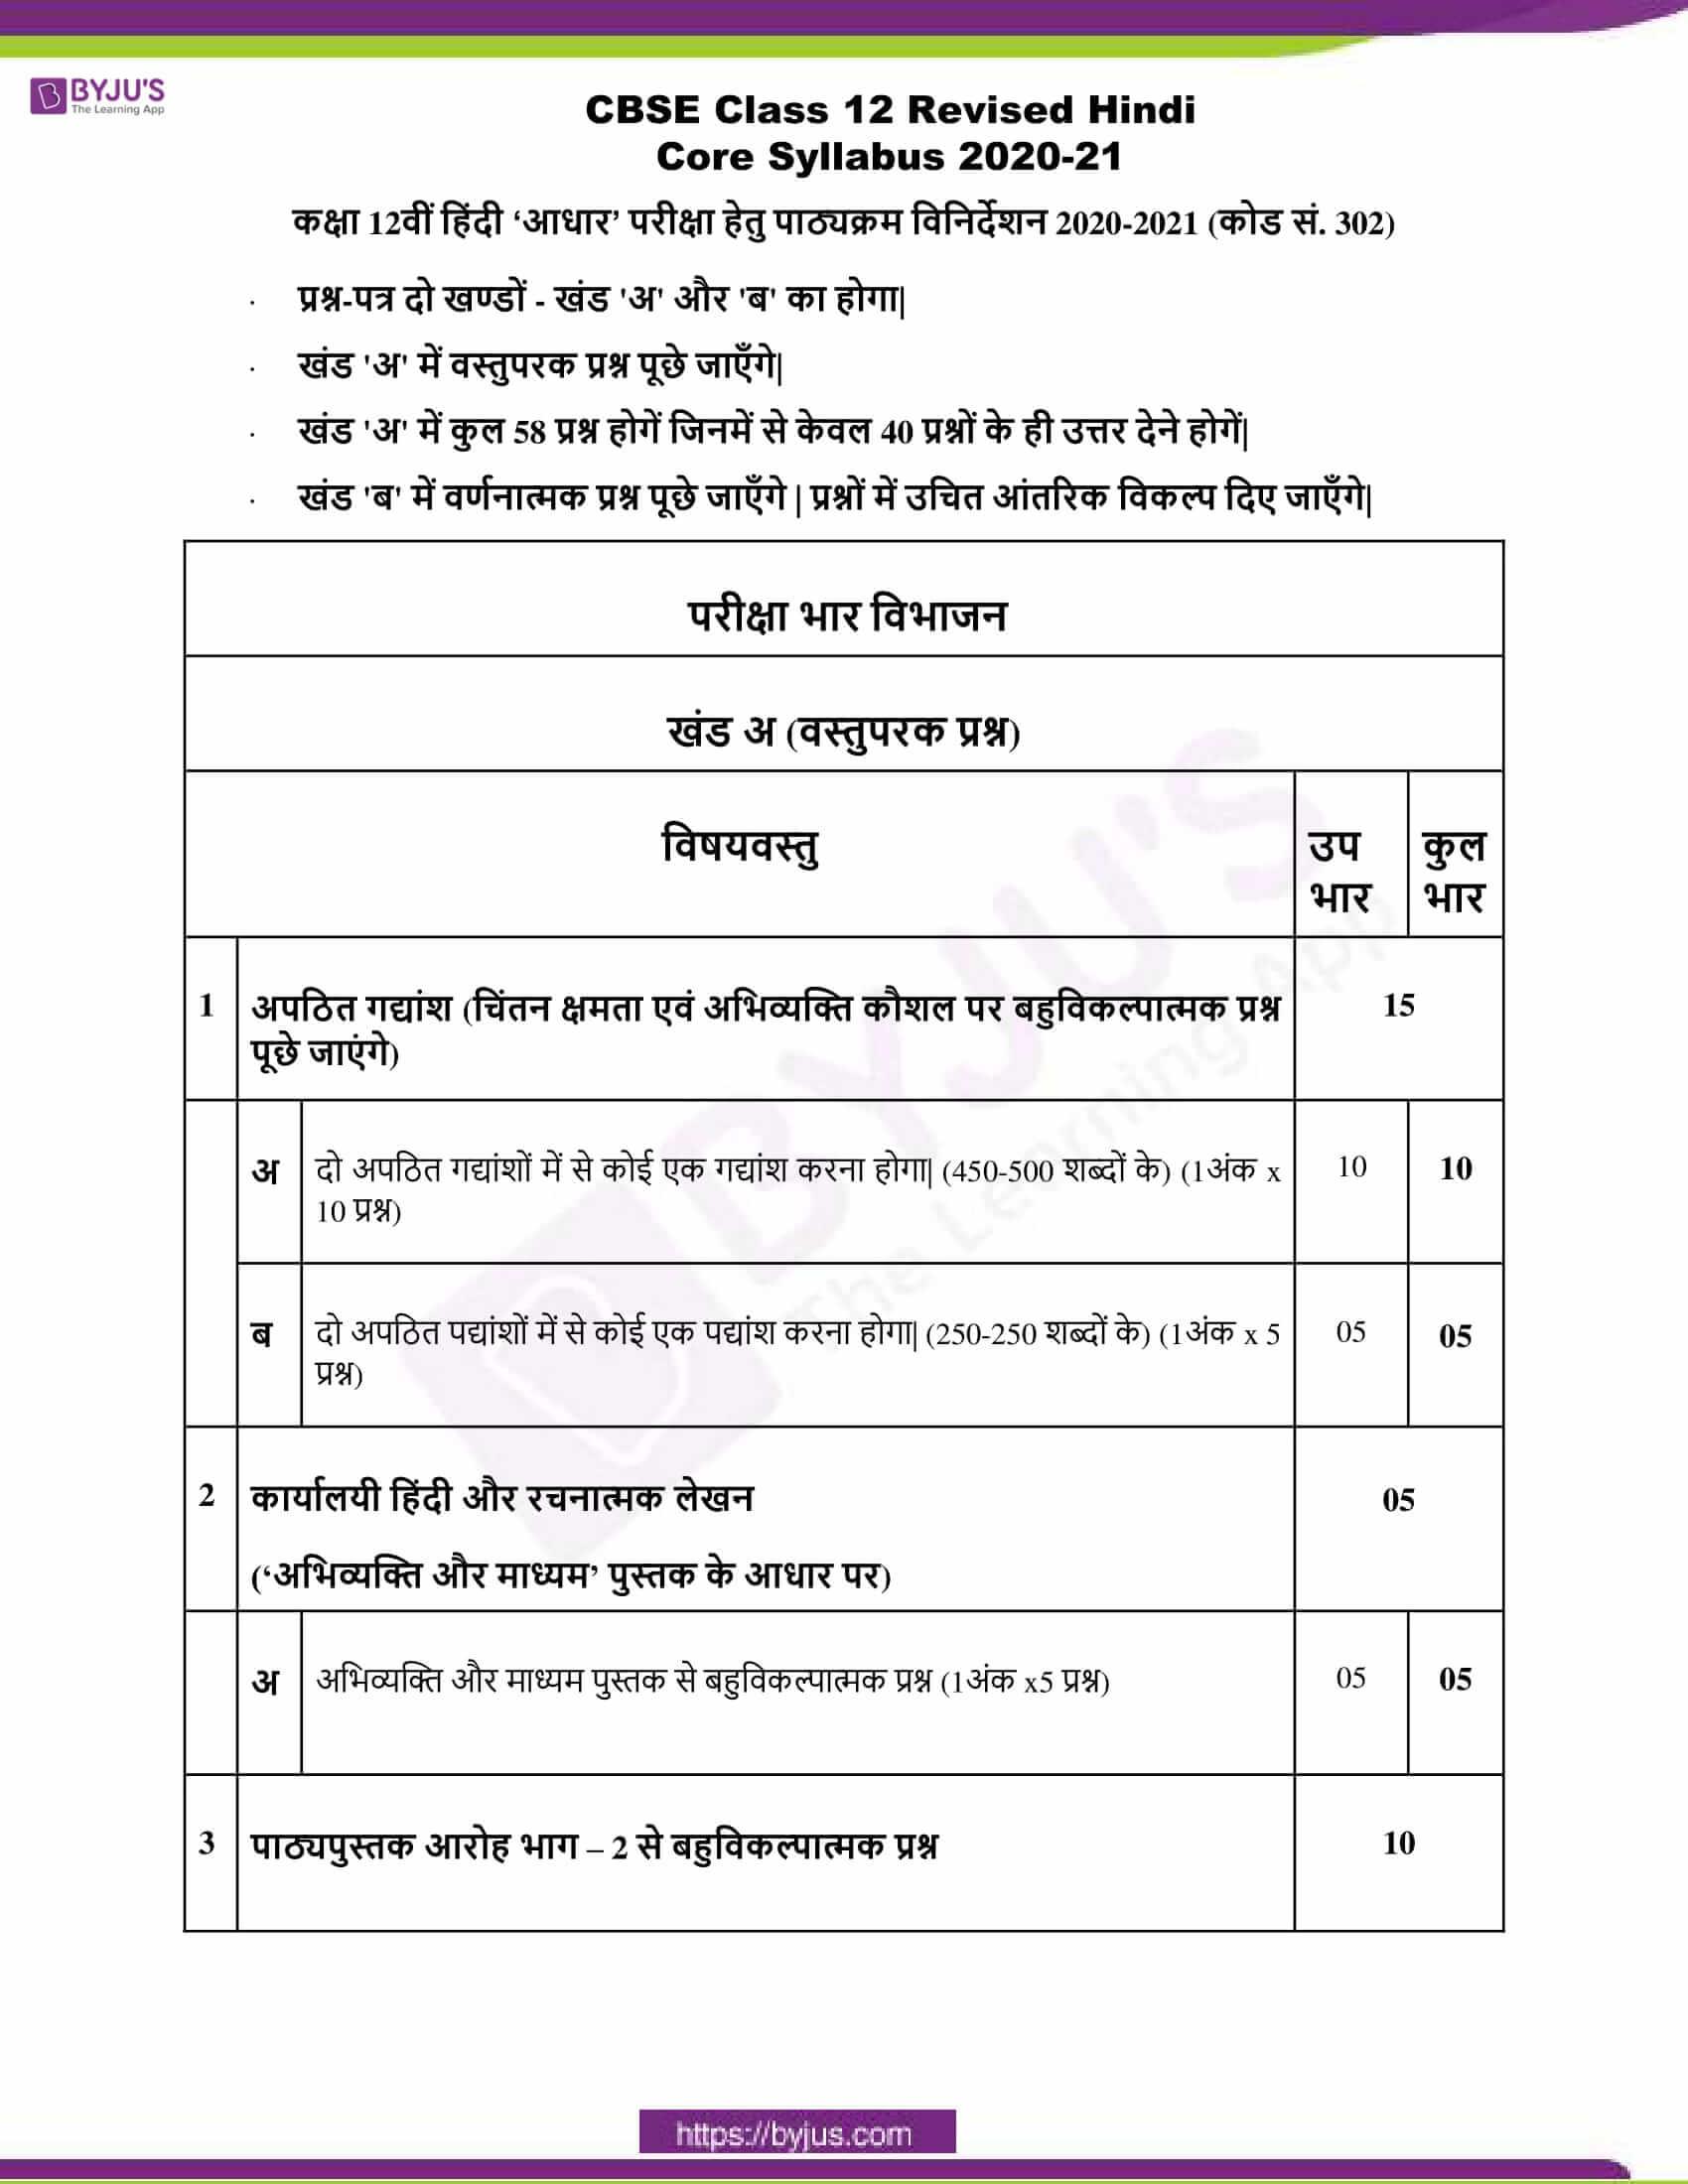 cbse class 12 hindi core syllabus 2020 21 1